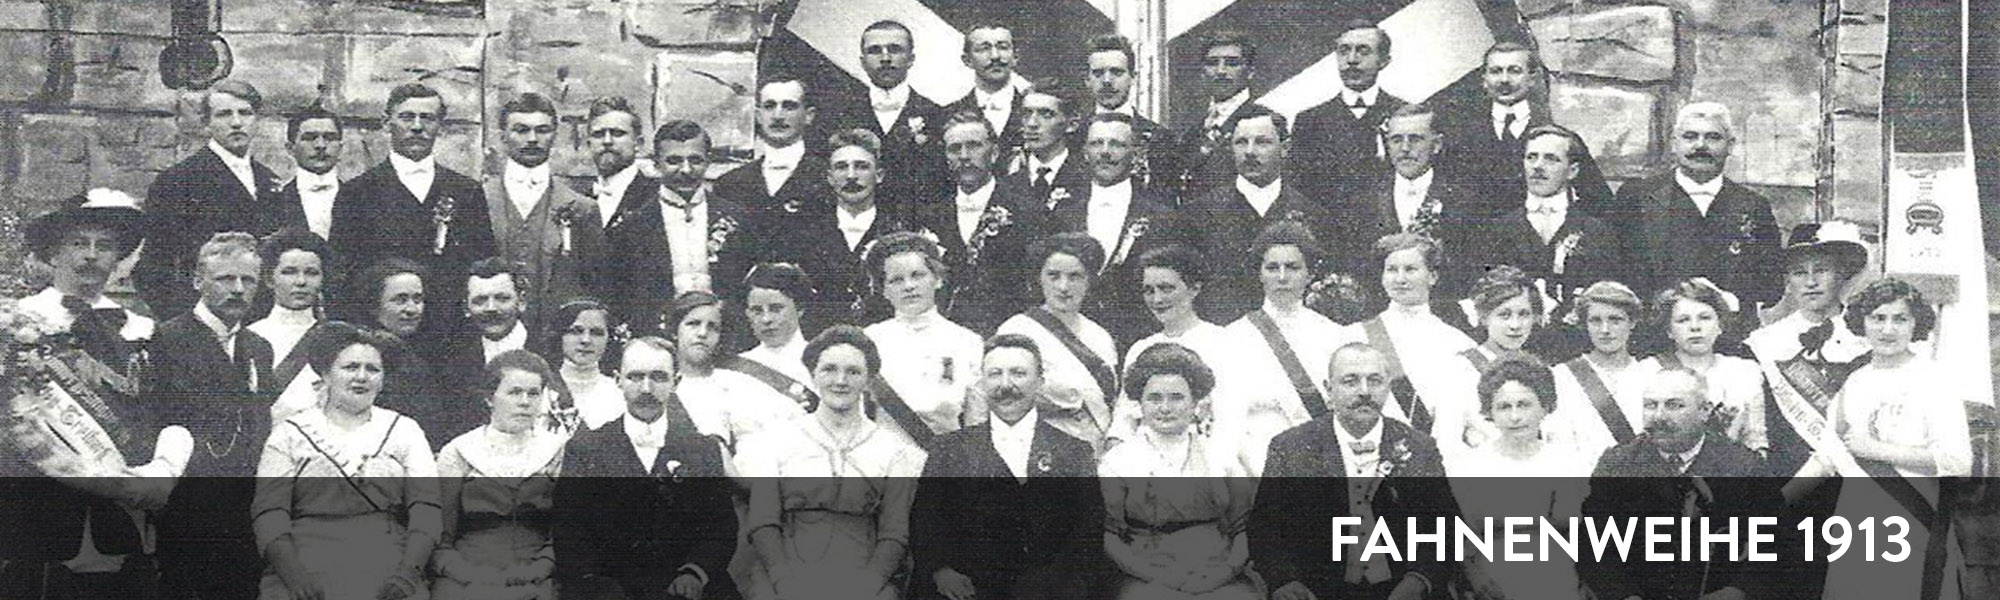 Geschichte des gemischten Chor Althofen - Fahnenweihe 1913